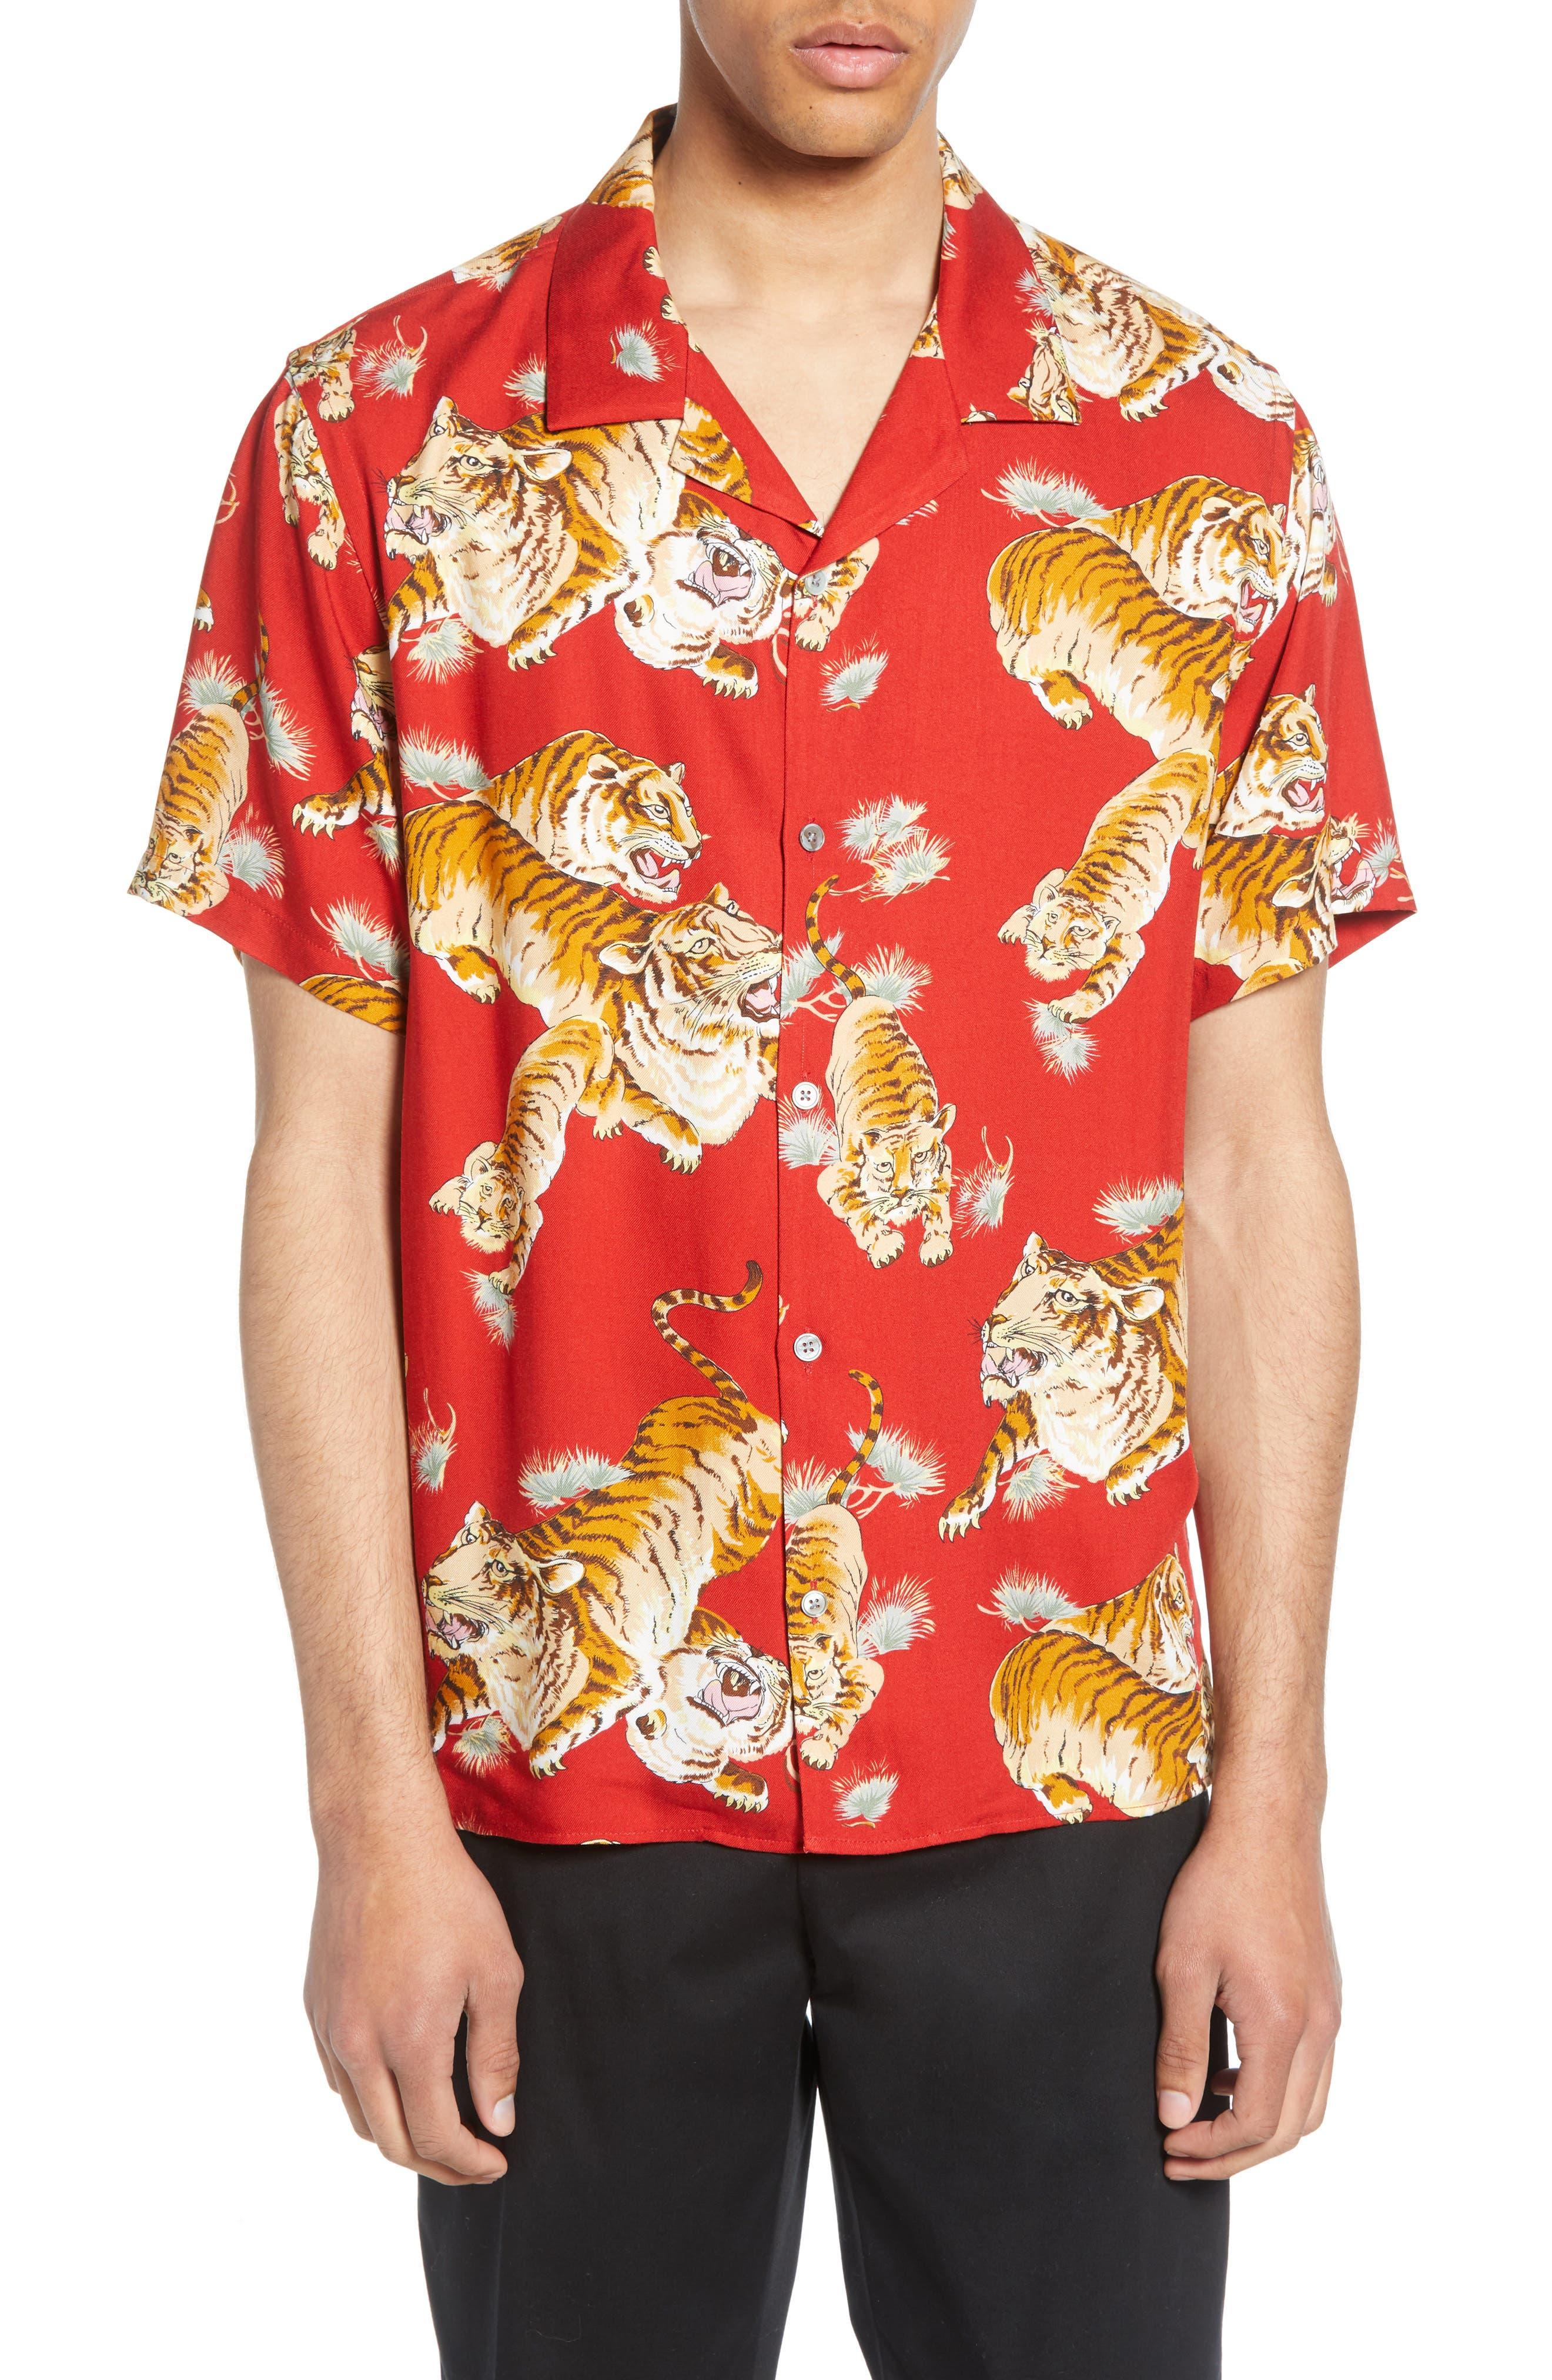 THE KOOPLES, Tiger Print Short Sleeve Camp Shirt, Main thumbnail 1, color, 250